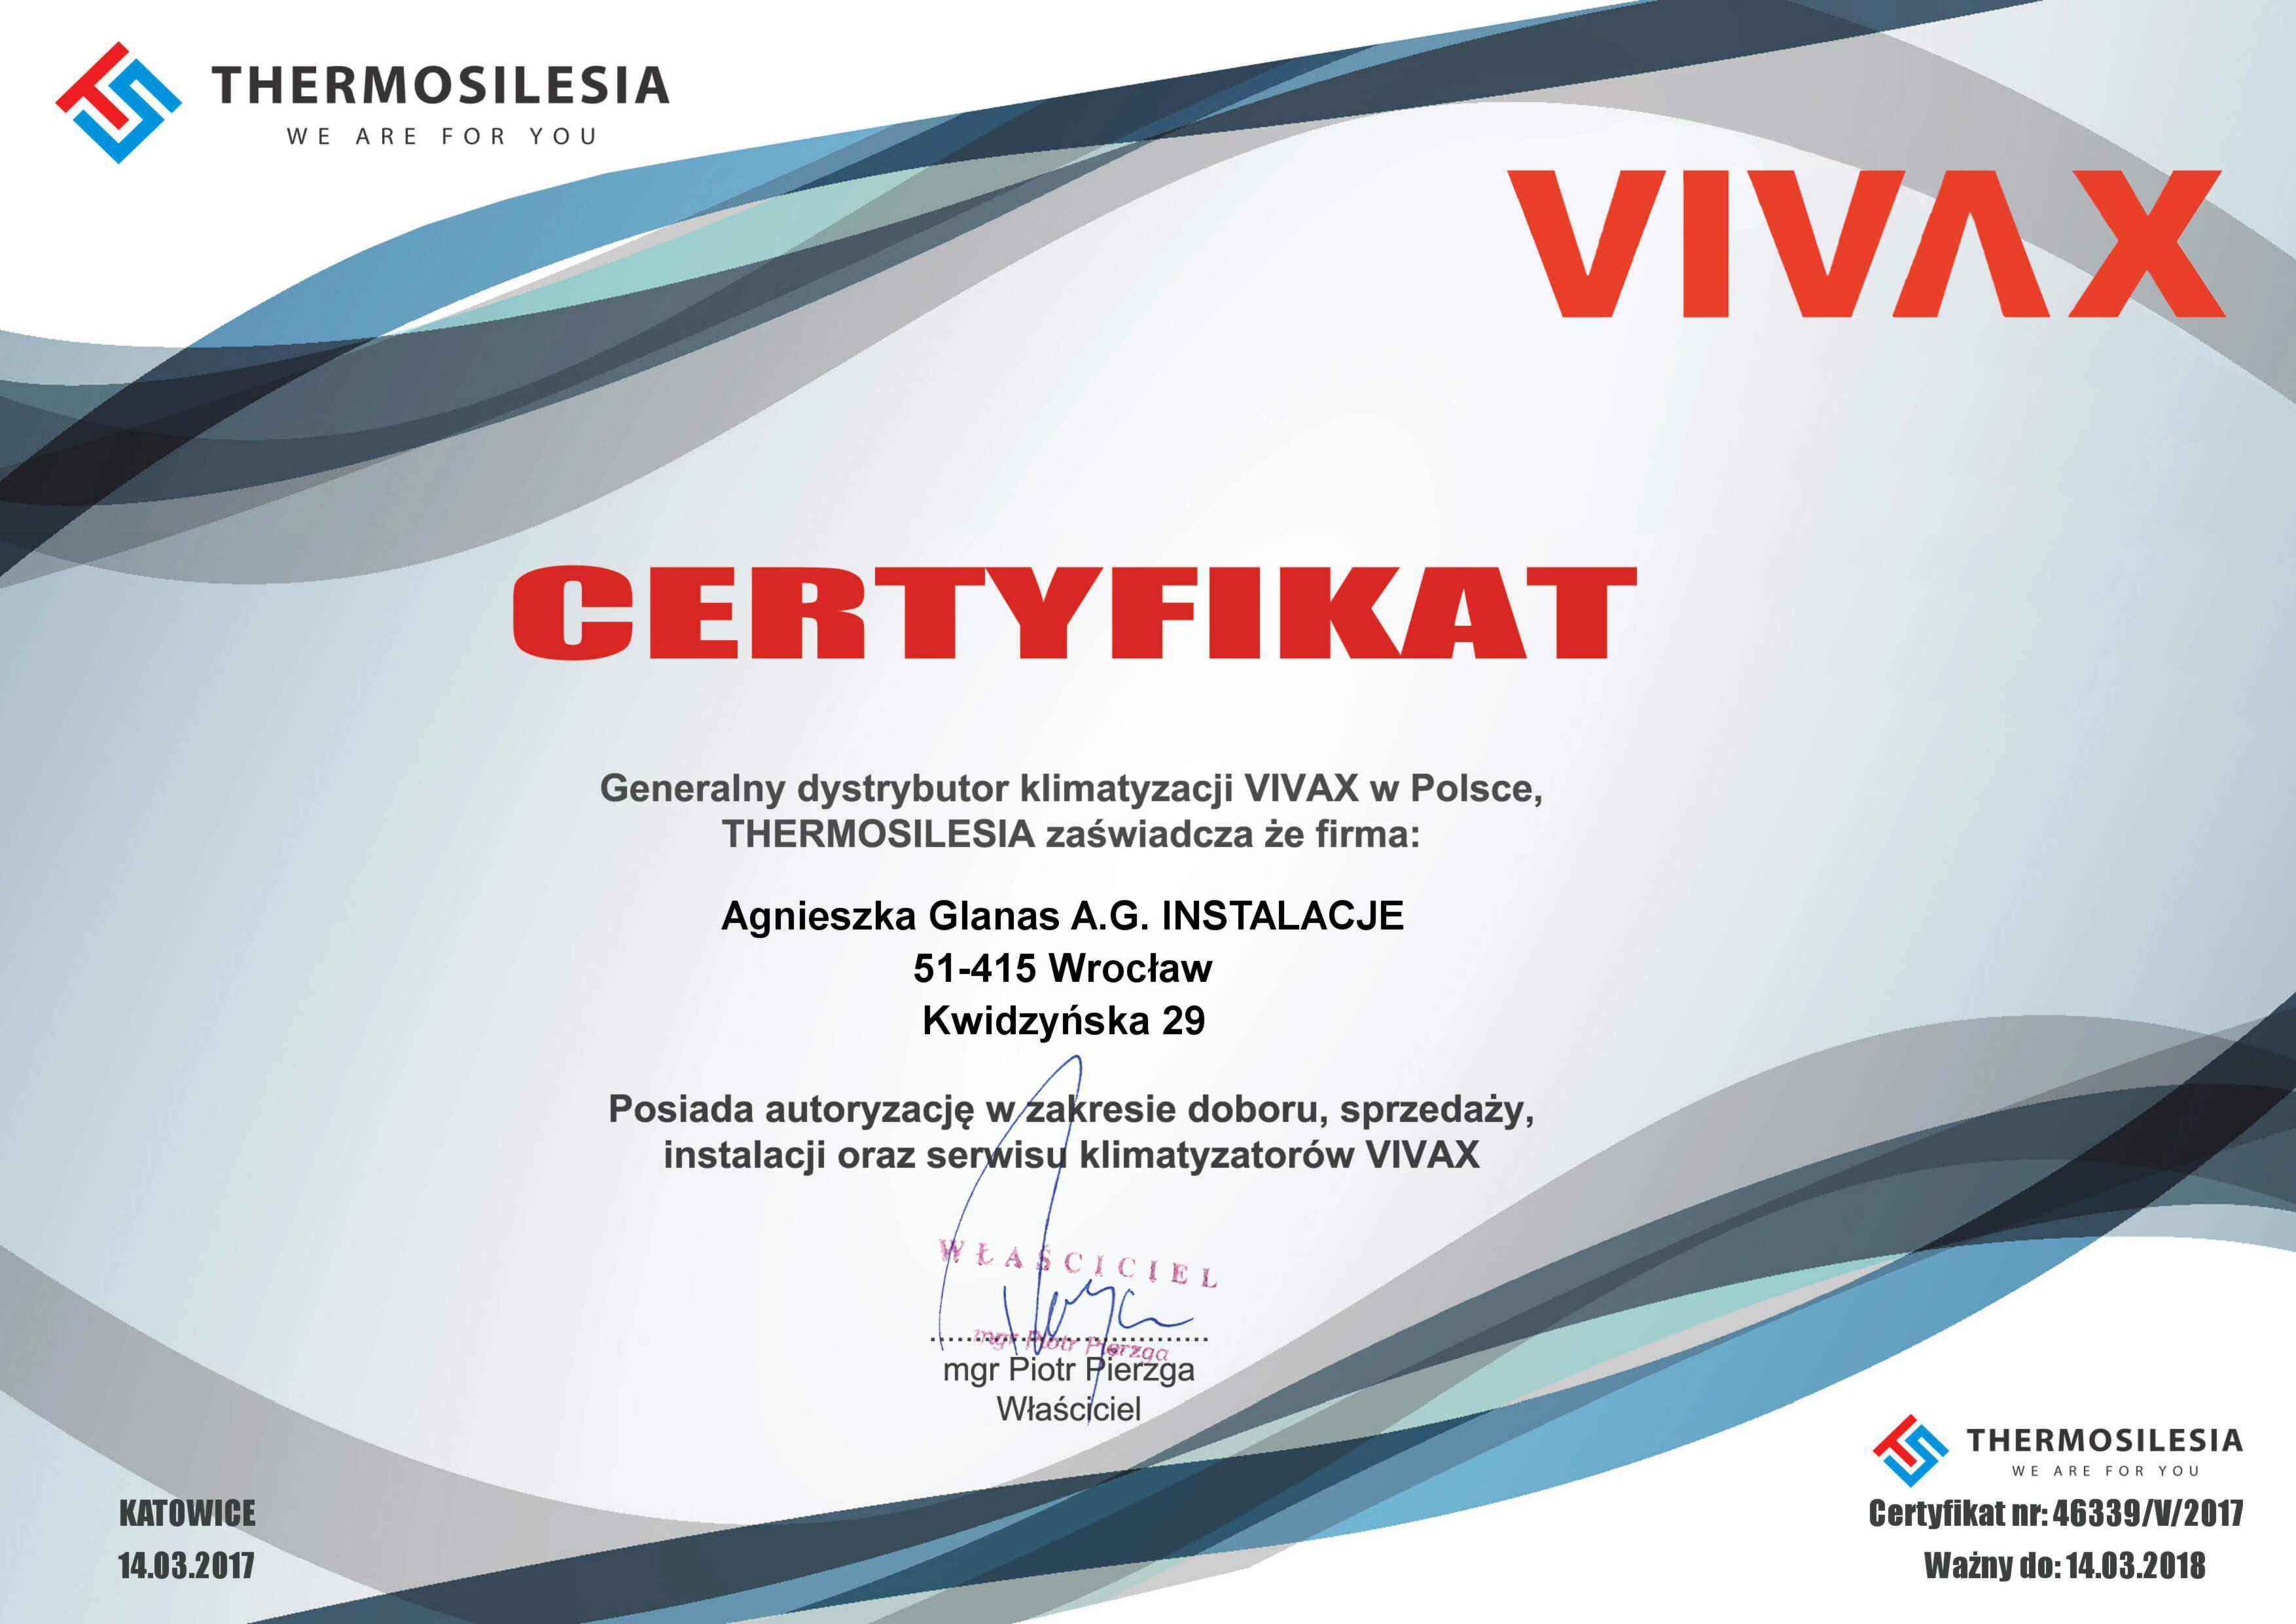 Certyfikat Vivax